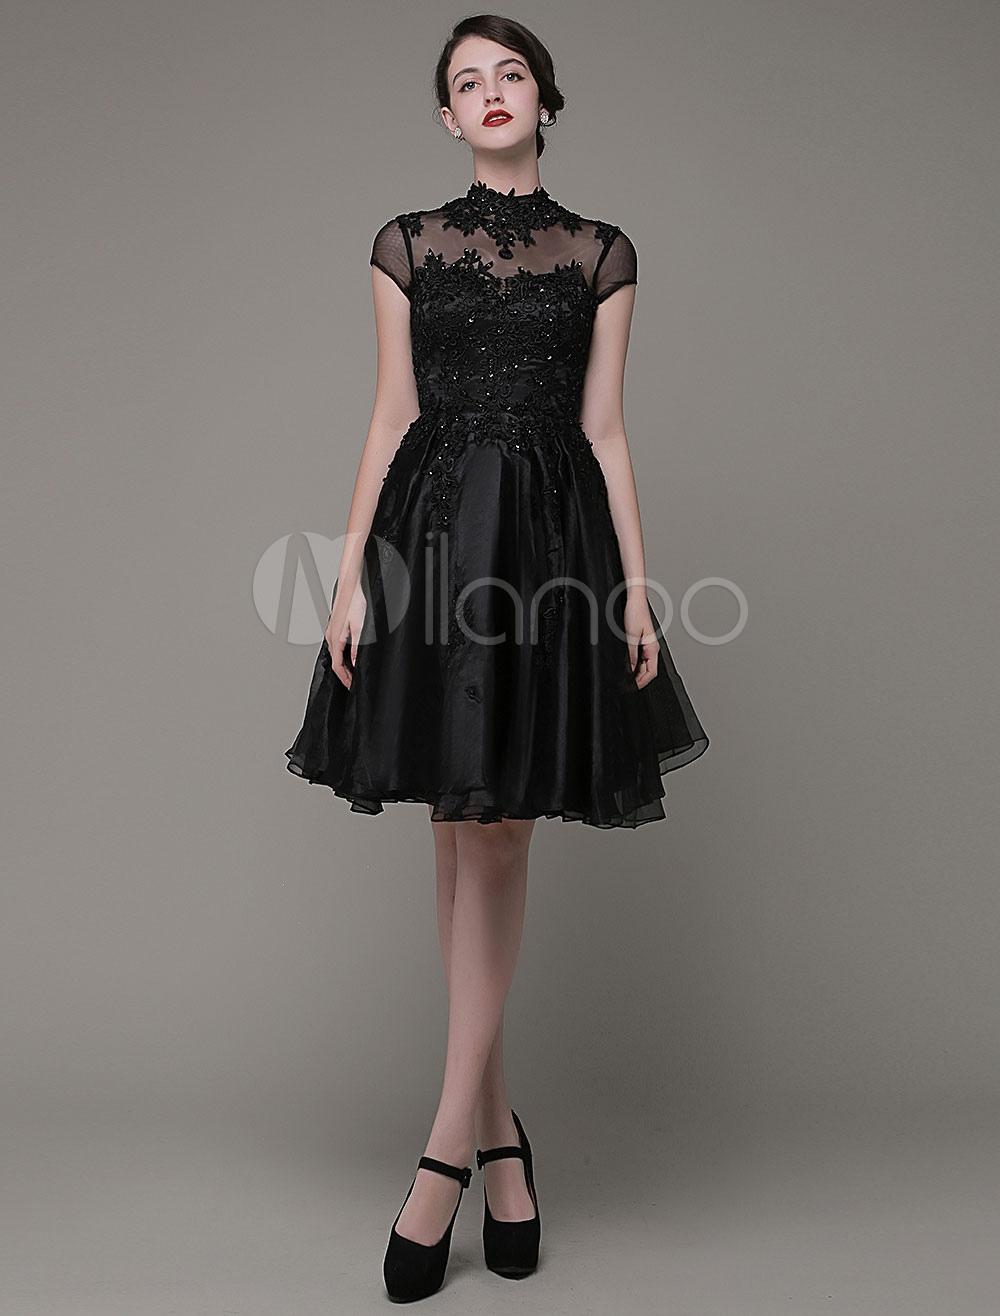 A-Line Prom Dress High Neckline A-Line Lace Applique Beading Knee-Length Homecoming Dress Milanoo